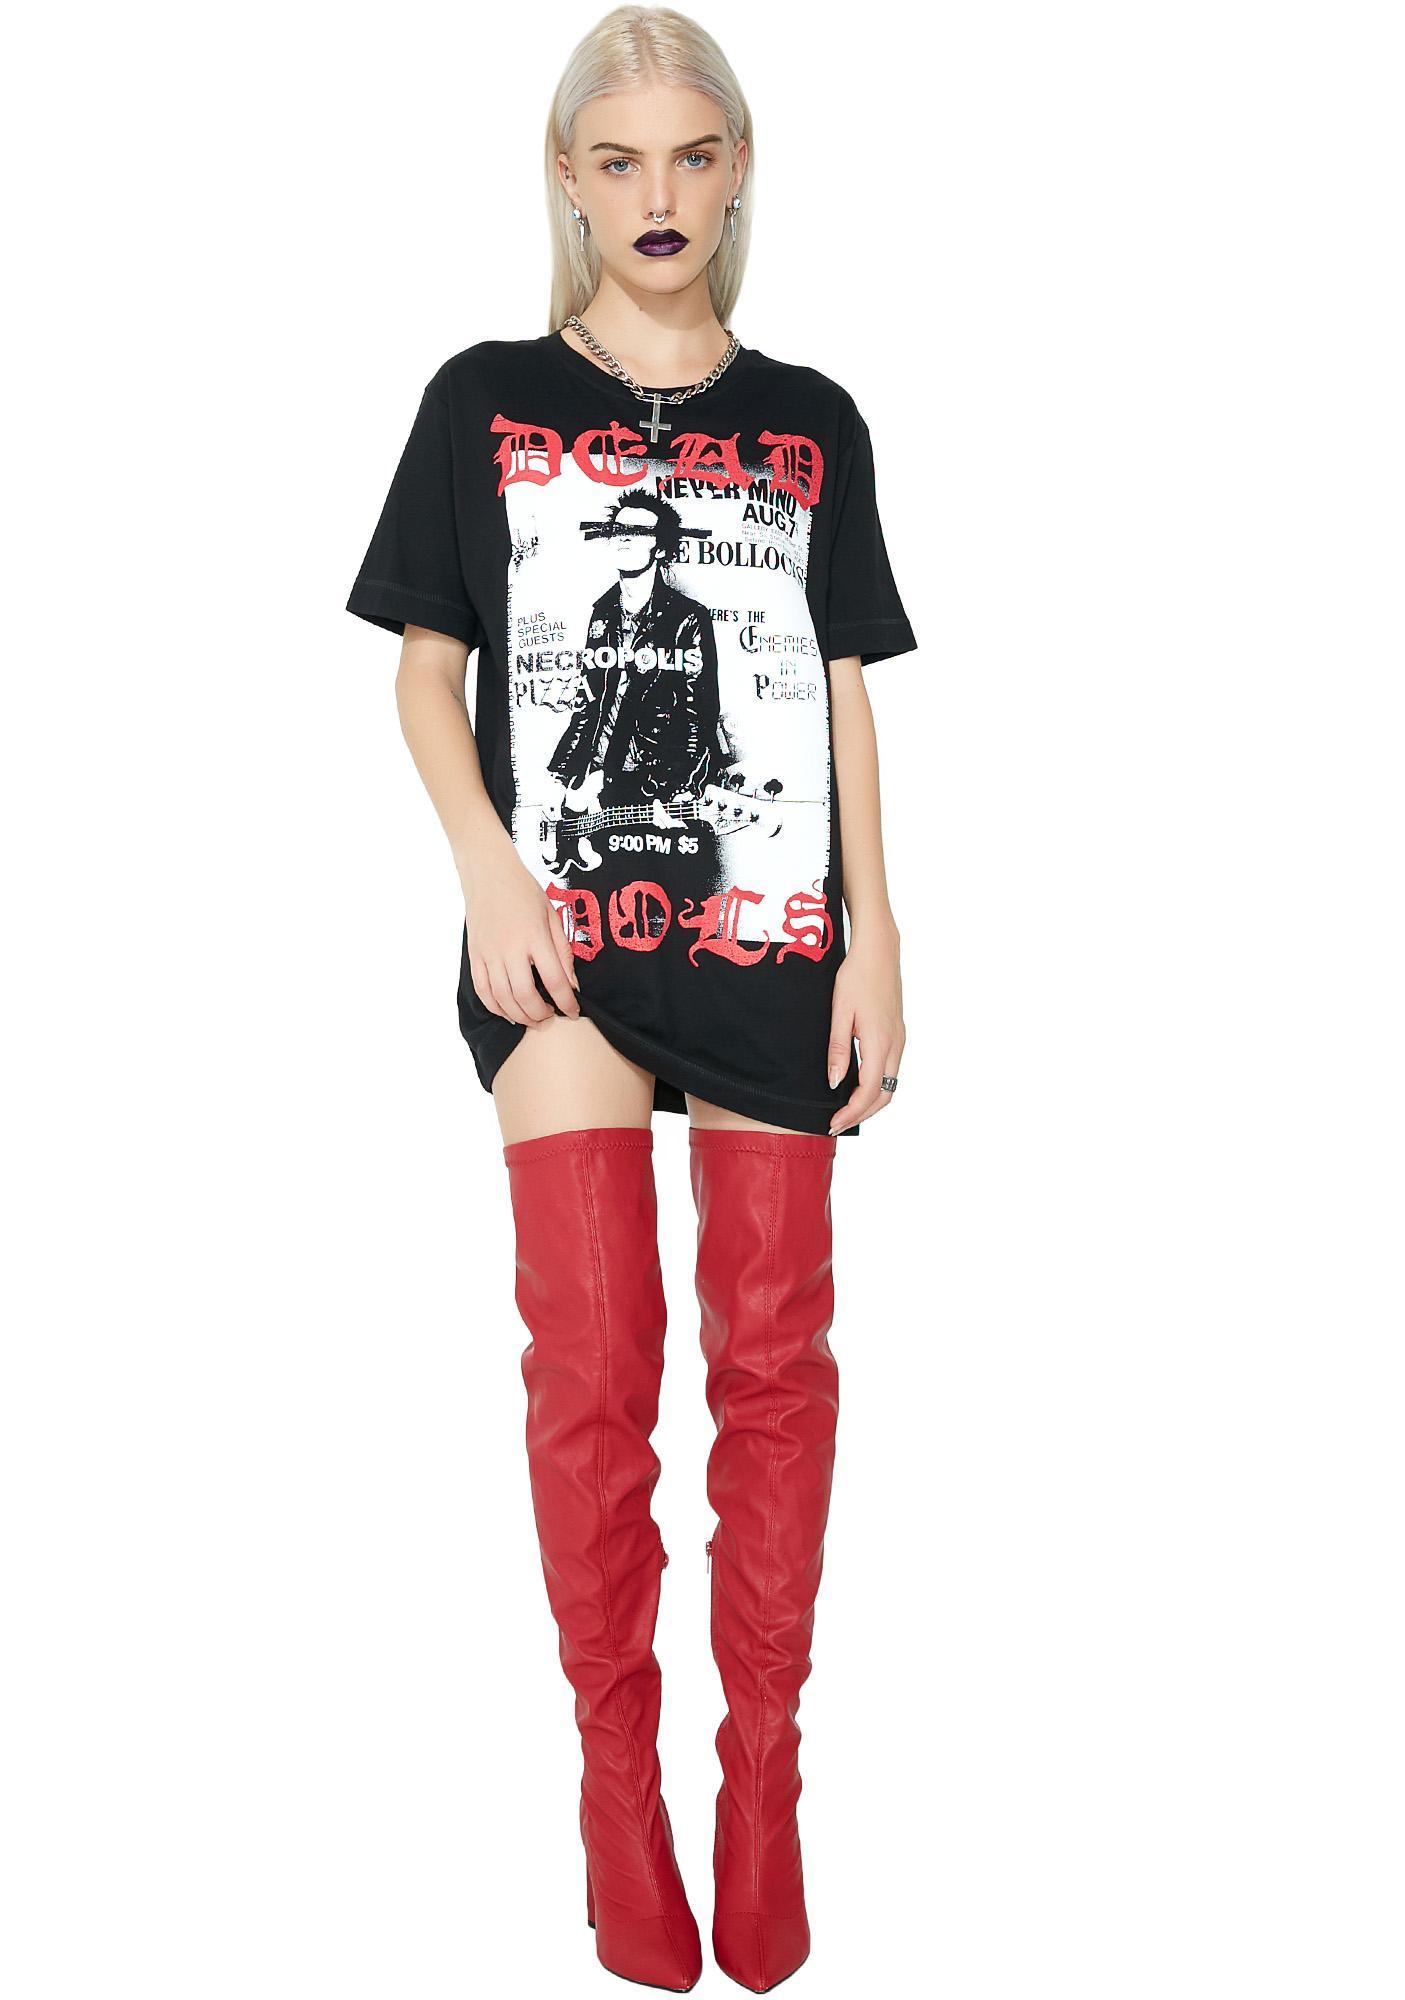 Disturbia Dead Idols T-Shirt